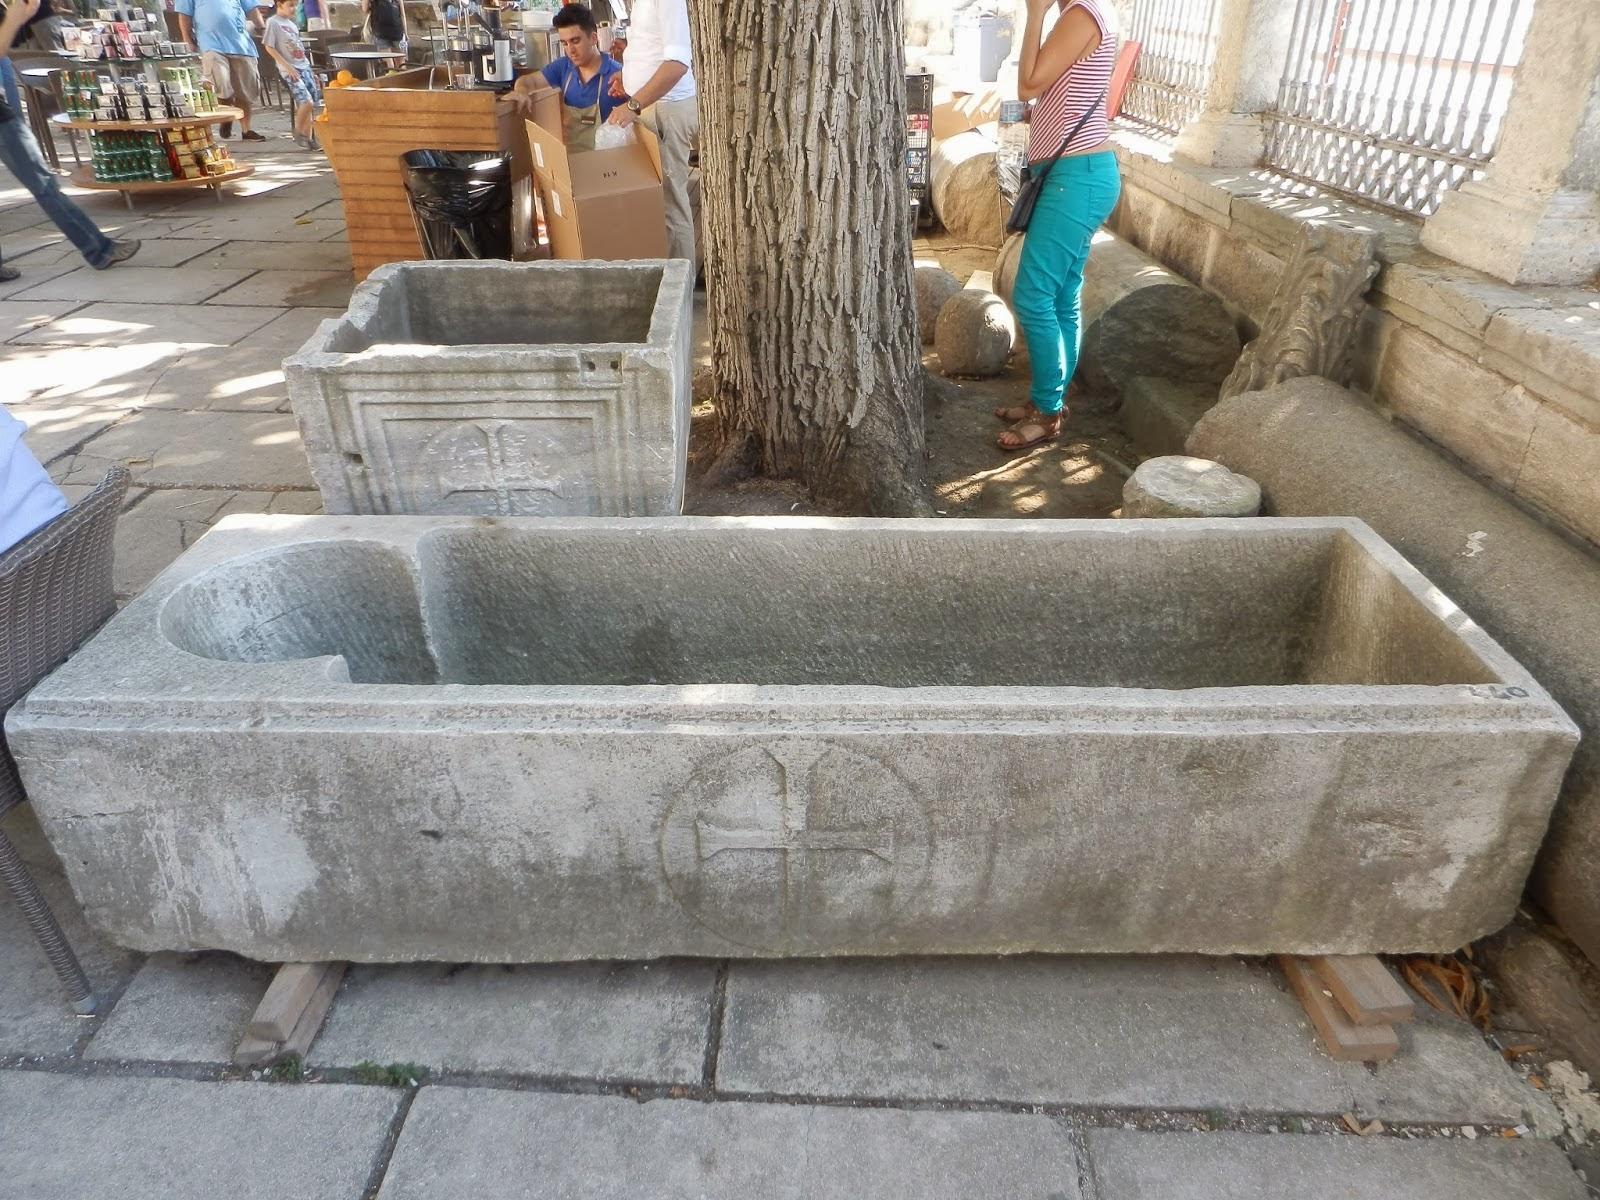 Таинственные каменные саркофаги, вырезанные внутри форме человеческого тела, Собор Святой Софии, Стамбул, Турция